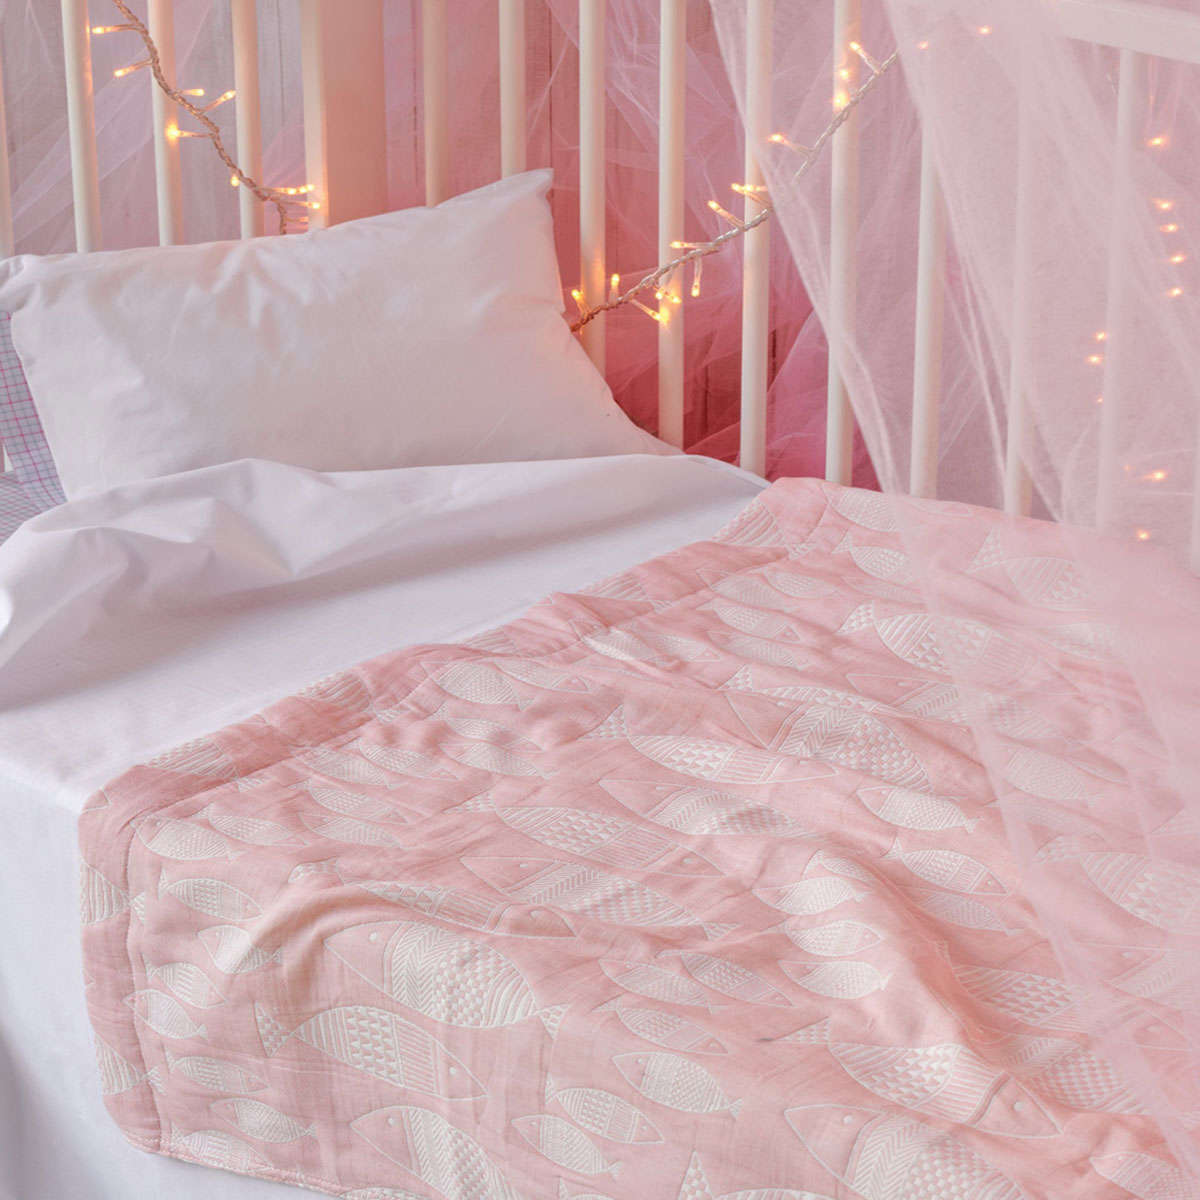 Βρεφική Κουβέρτα Yin-Yang 14 Pink Ματλασέ Kentia Κούνιας 110x140cm